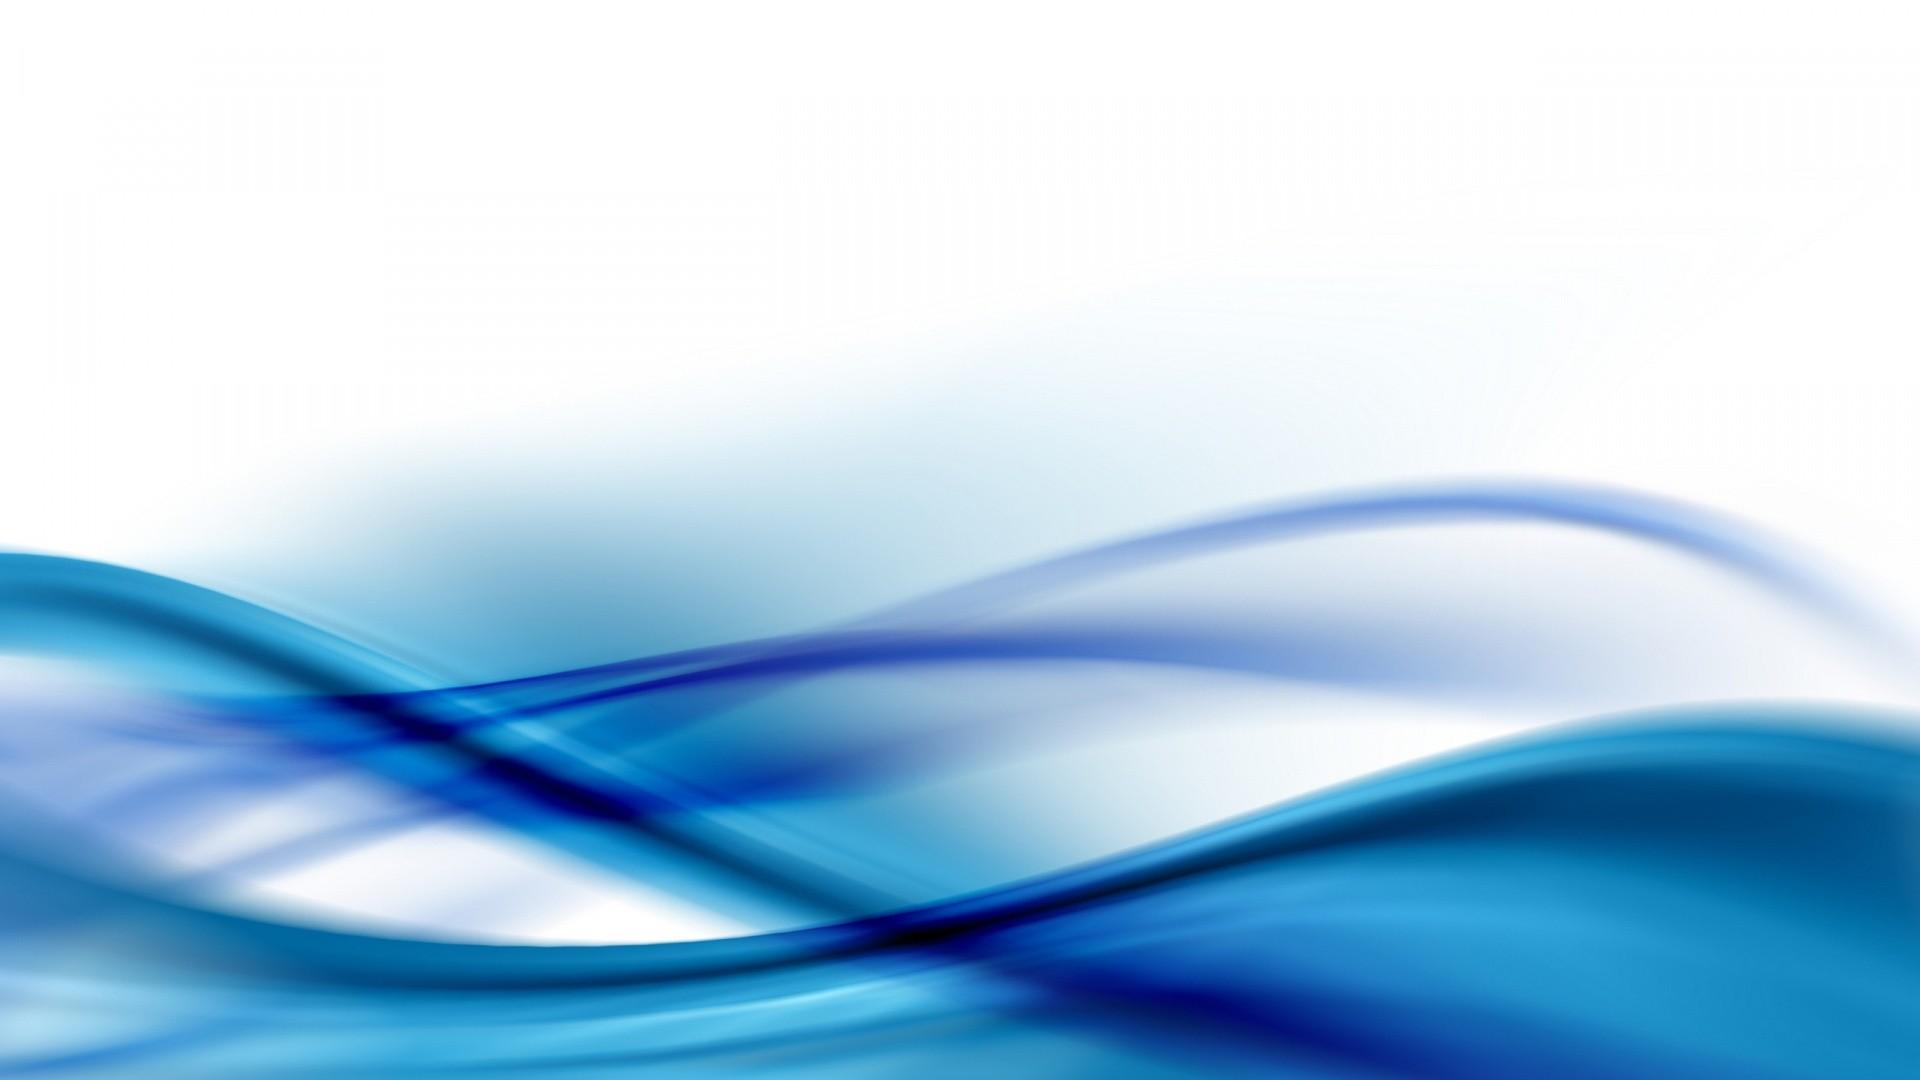 Graphic Desktop Wallpaper